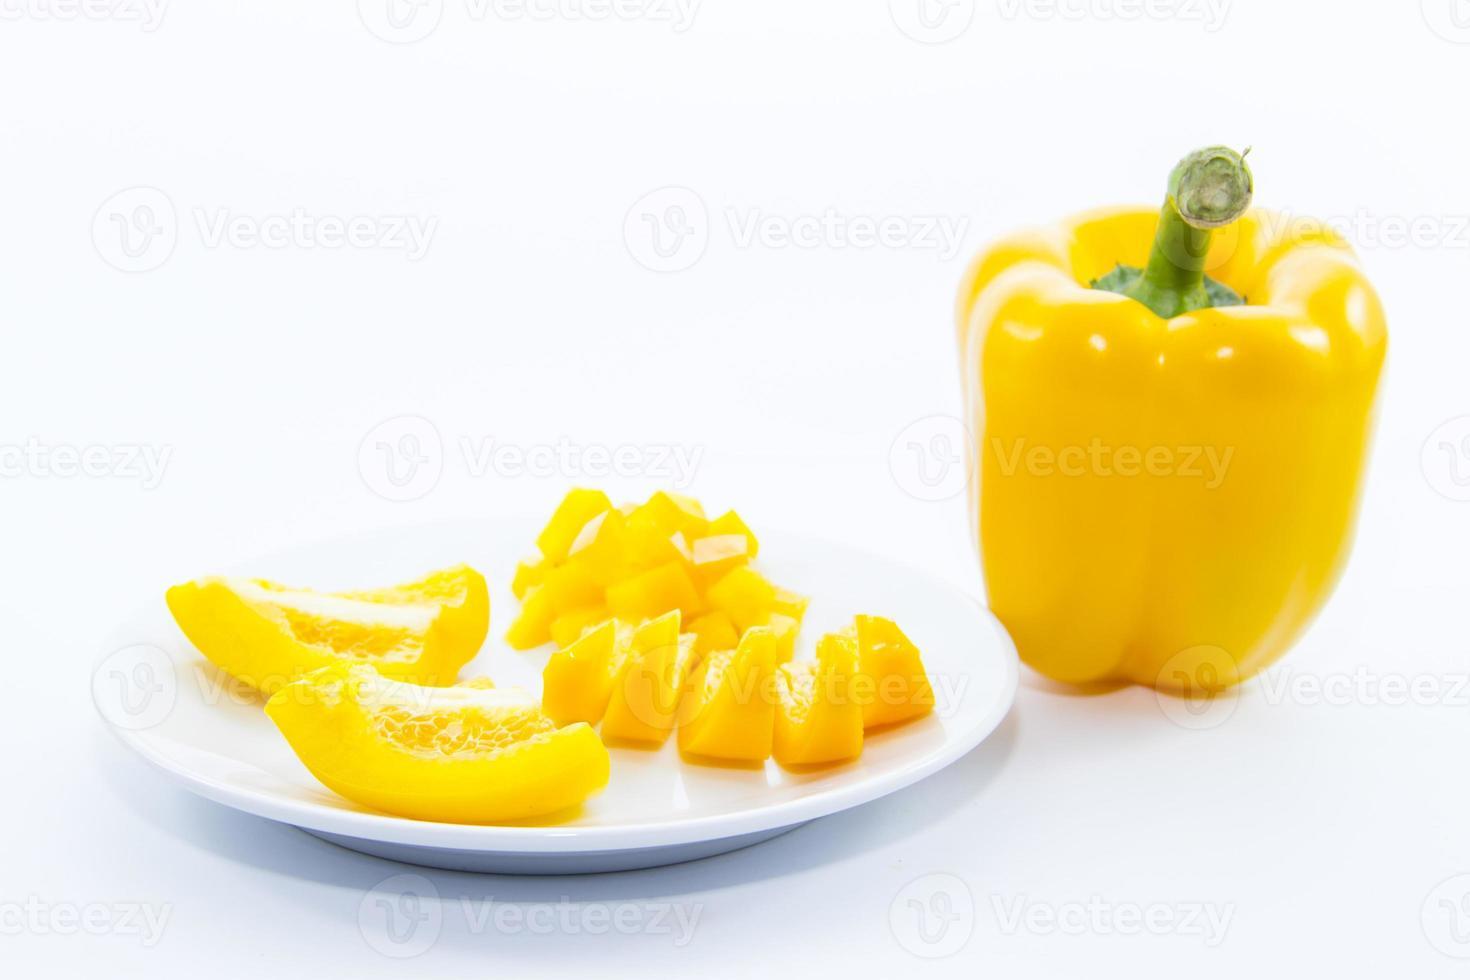 ingrediente de pimentão amarelo em fatias na chapa branca foto